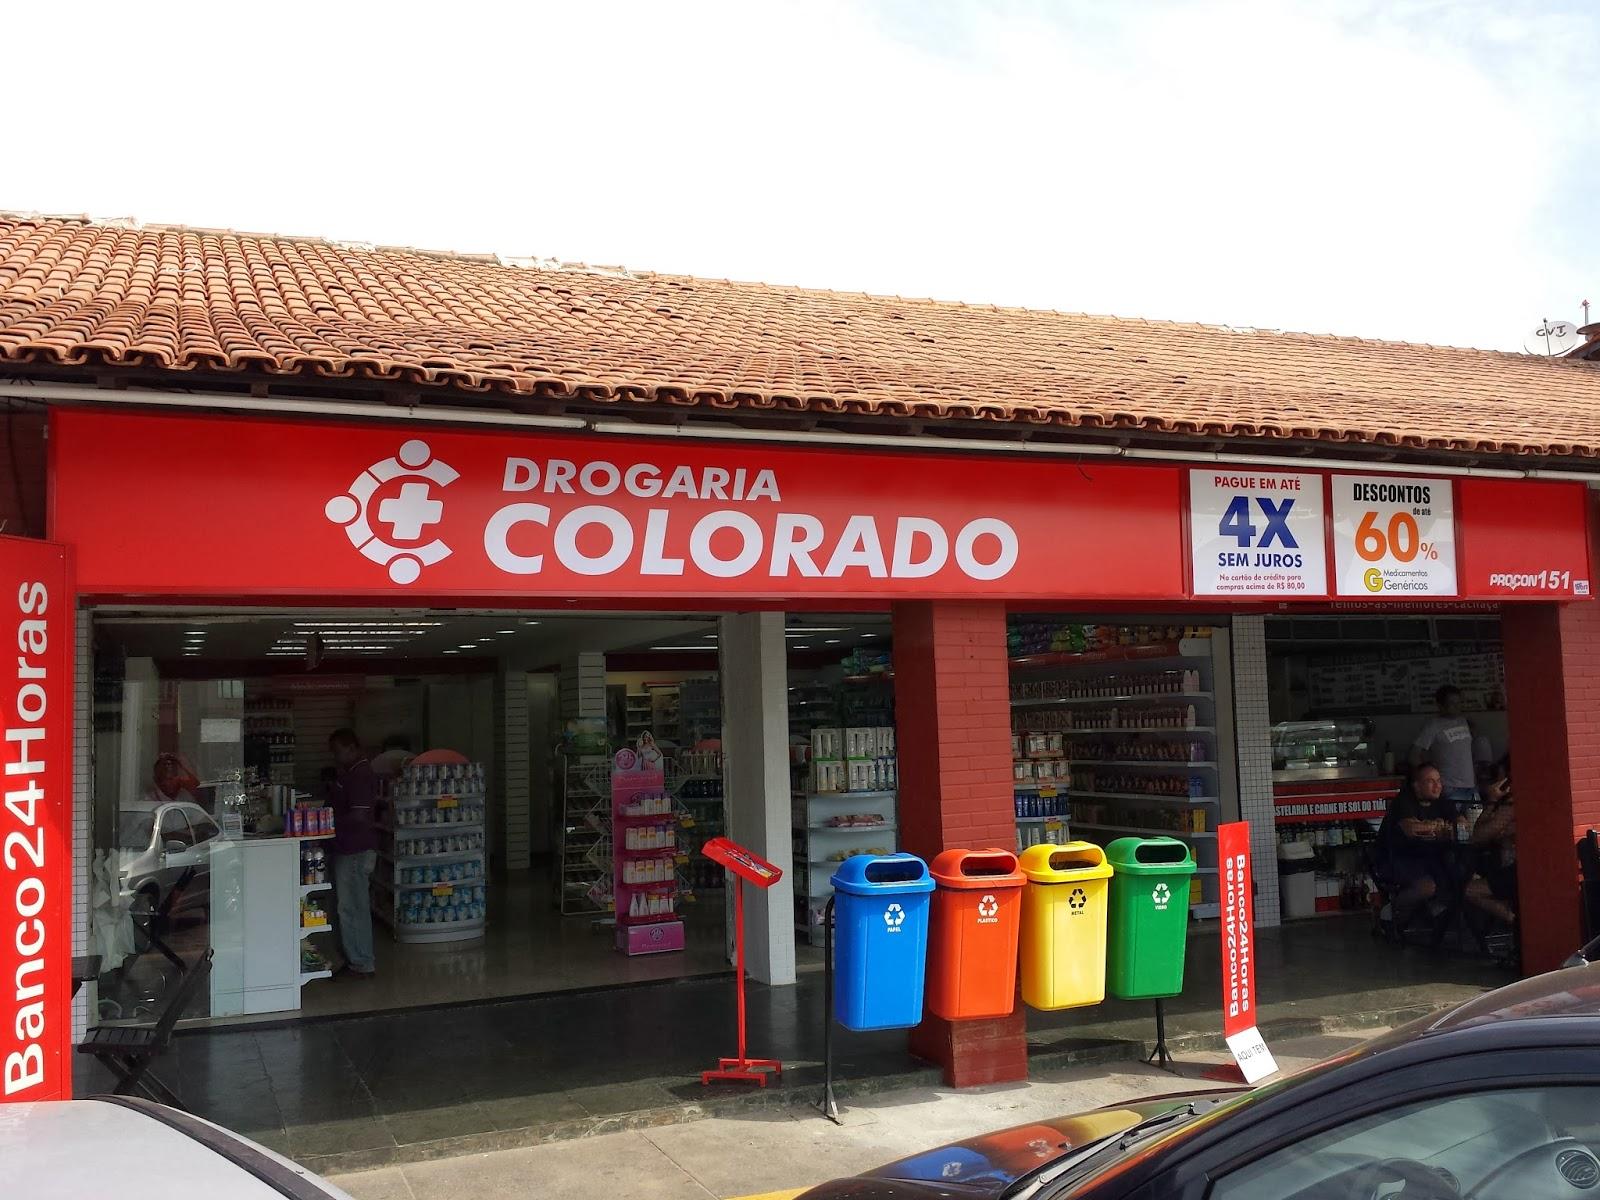 Photo of Drogaria Colorado, Altana Mall